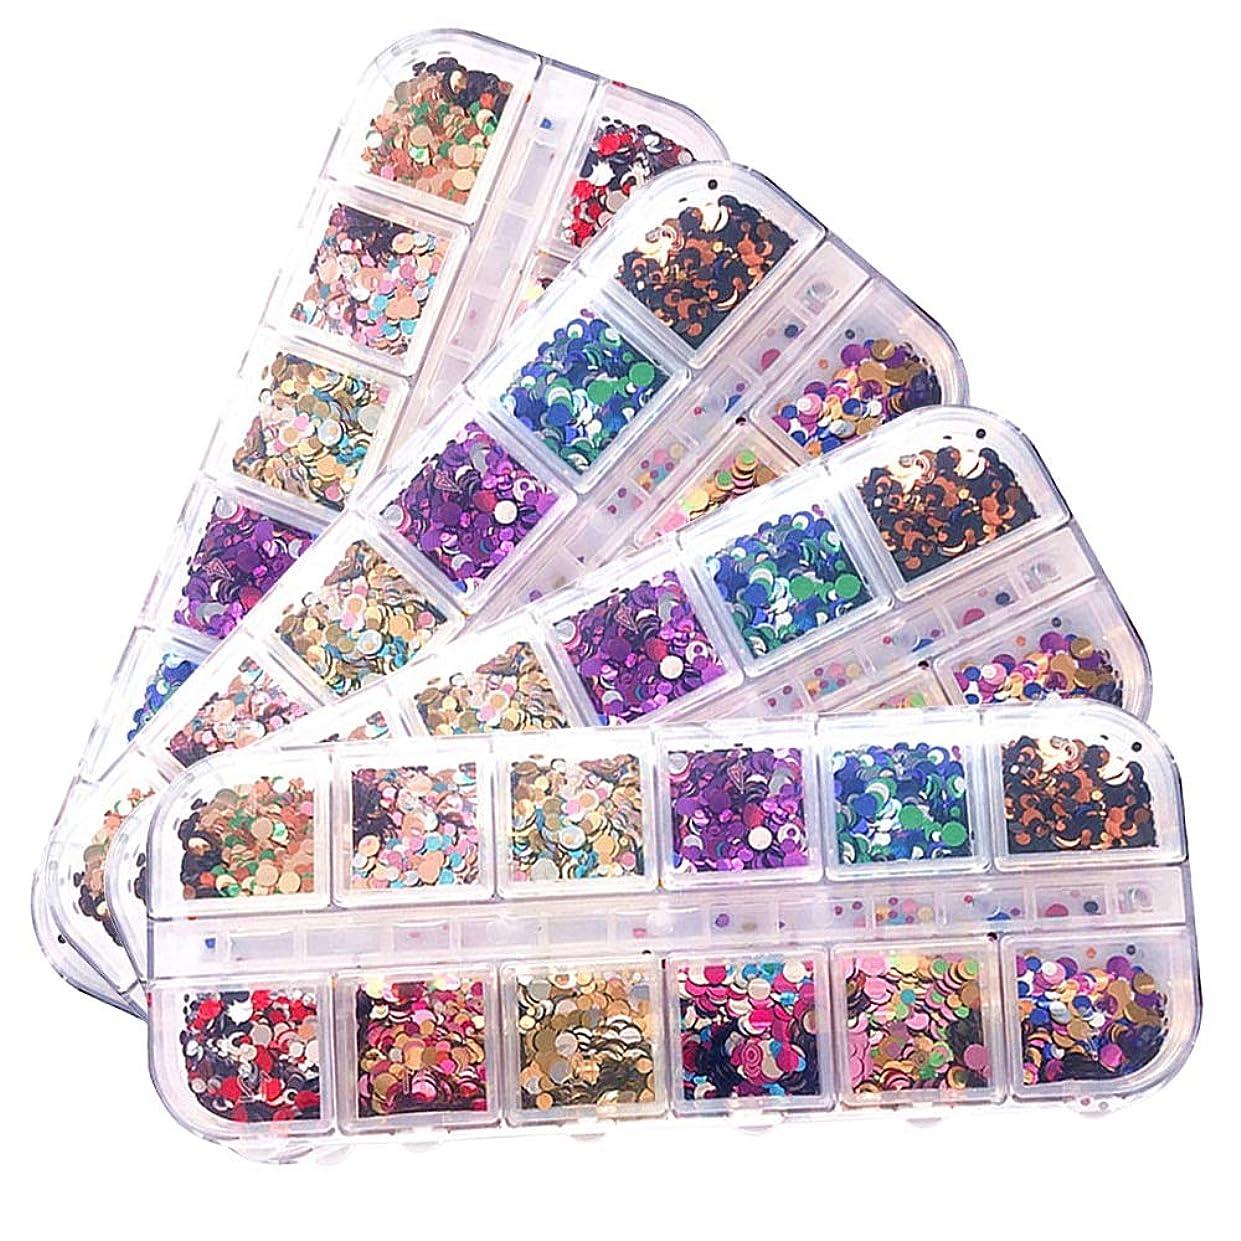 ギャンブル到着するペニーネイルアート ネイルデコパーツ ネイル グリッター キラキラ 可愛い 4ボックスセット 多色